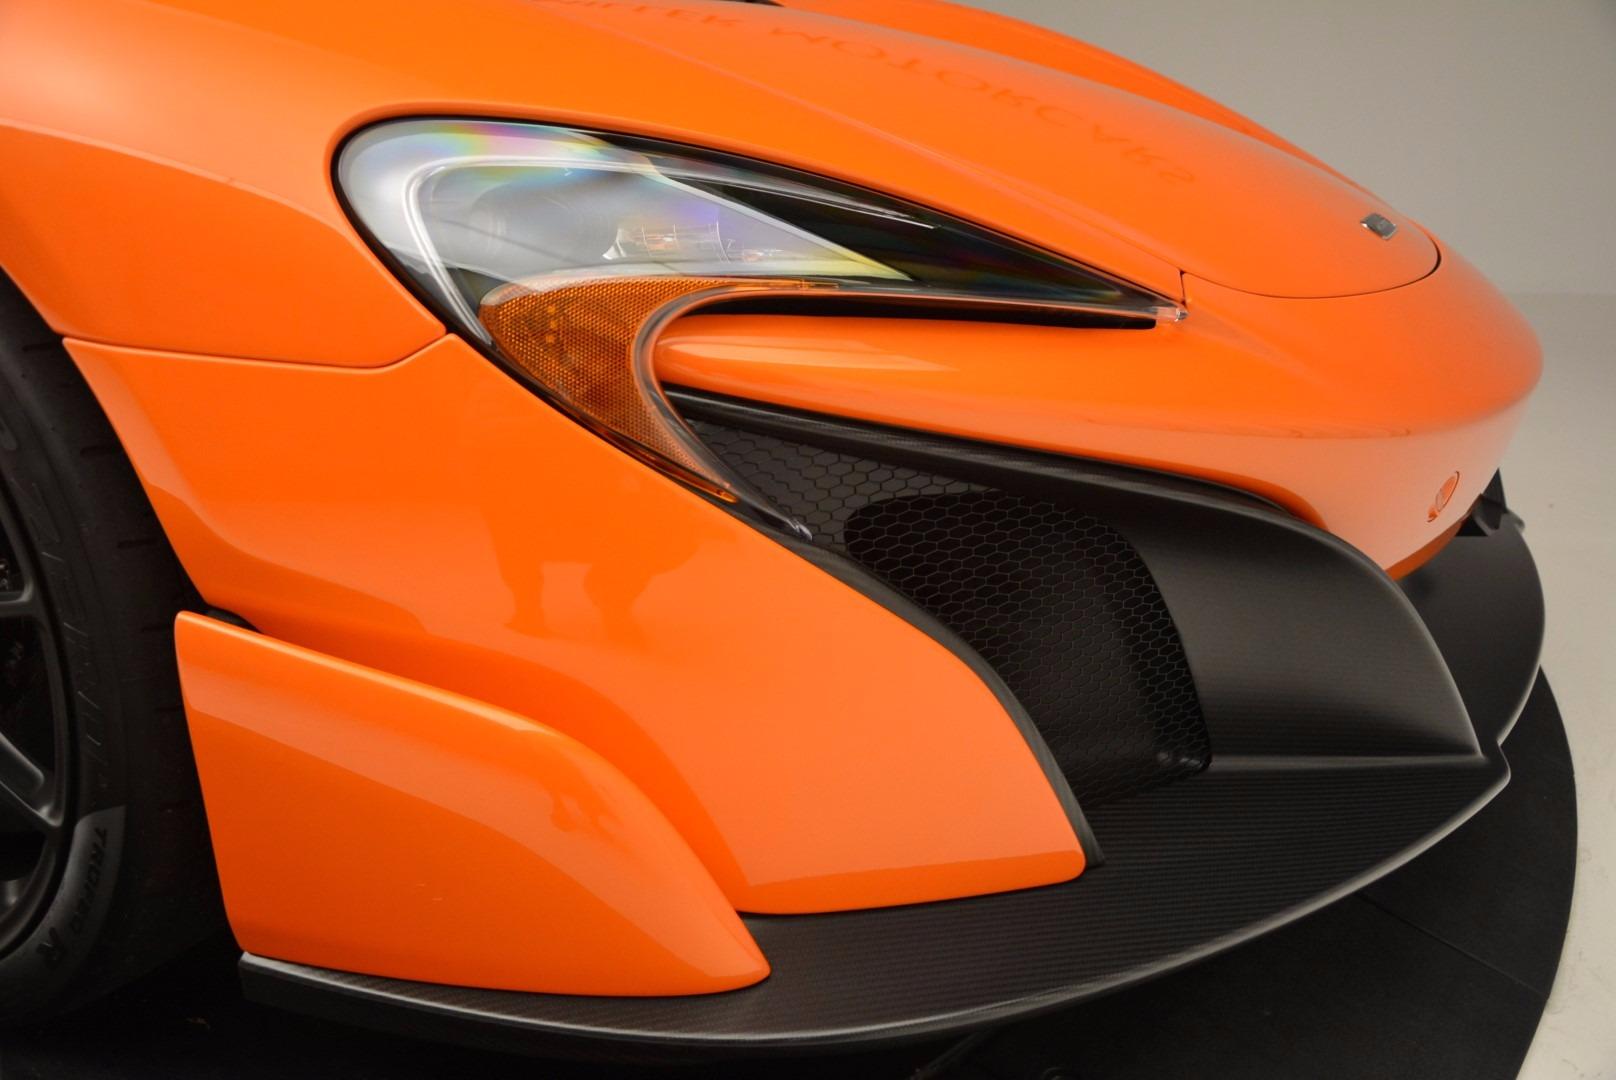 Used 2016 McLaren 675LT Spider Convertible For Sale In Westport, CT 1150_p28